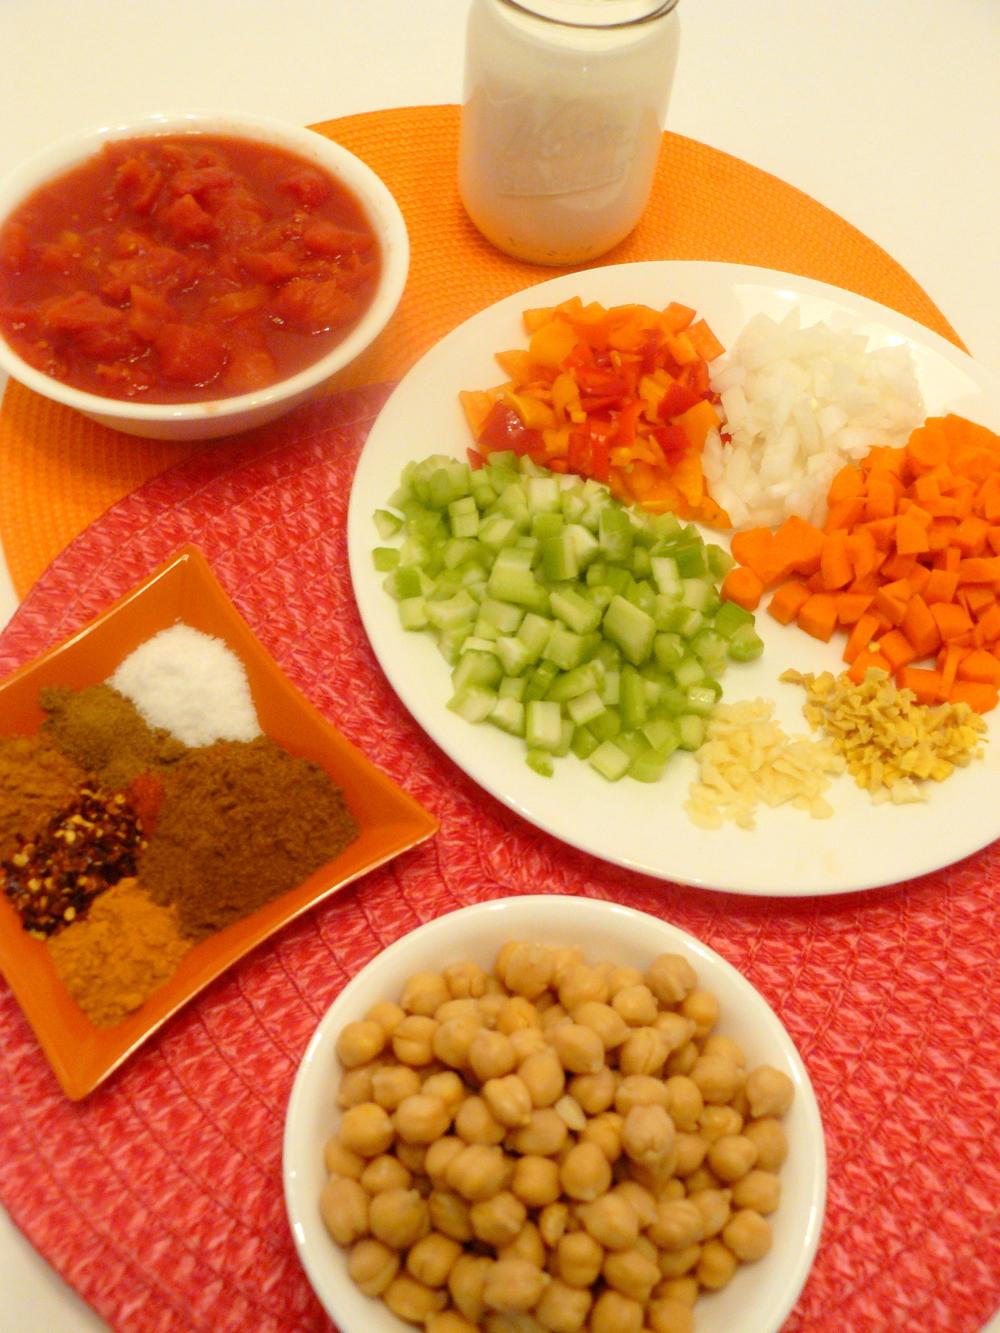 Tikka Masala Ingredients